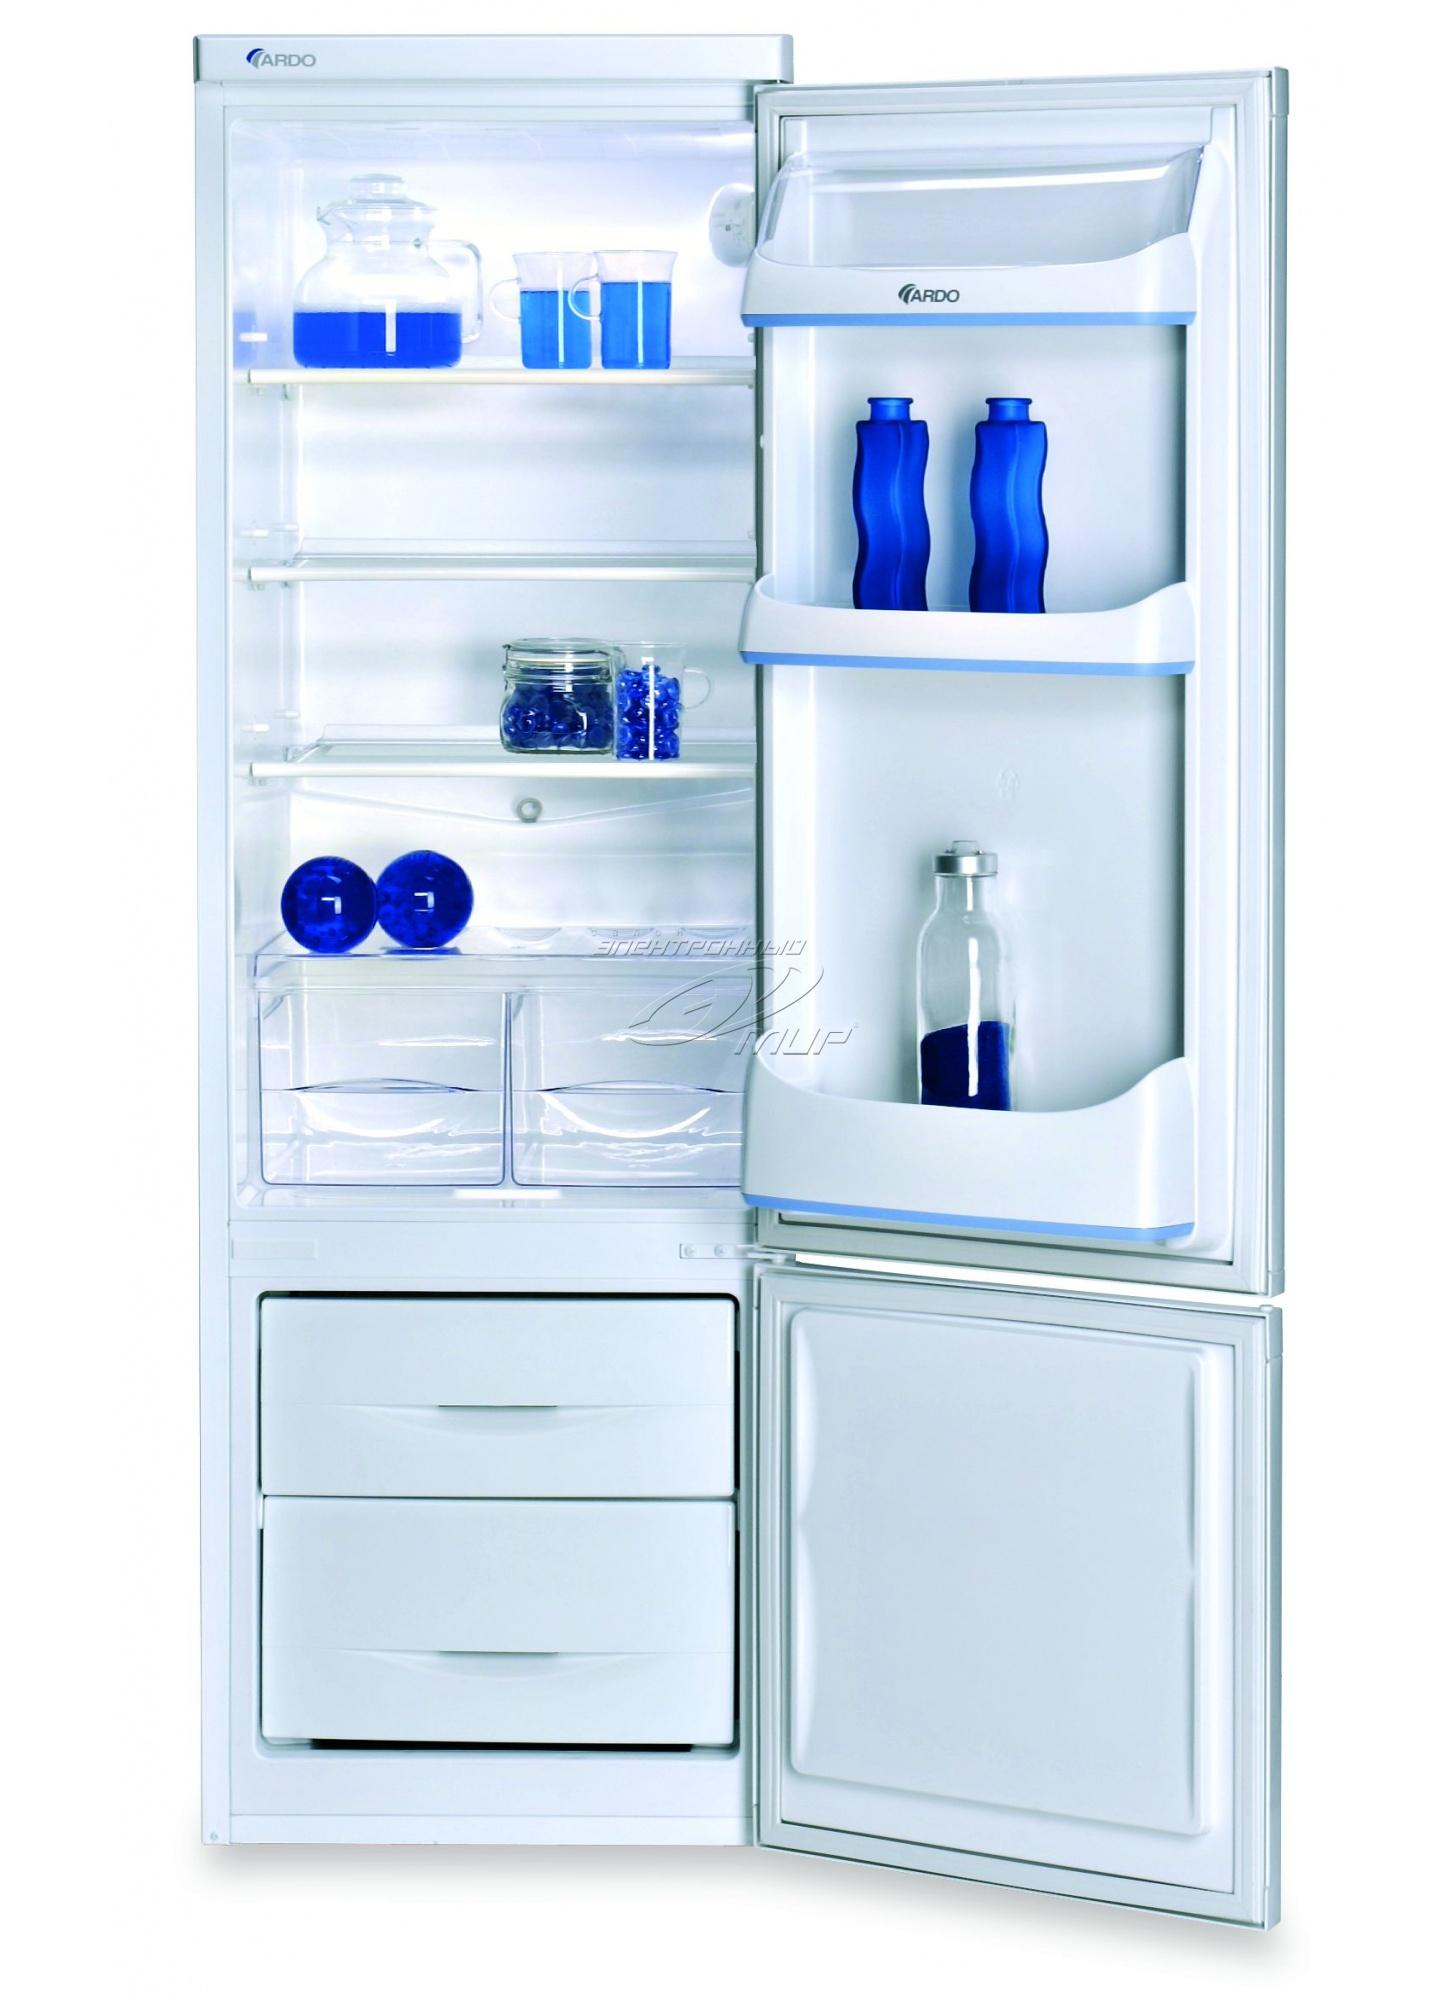 Ардо холодильники модели фото